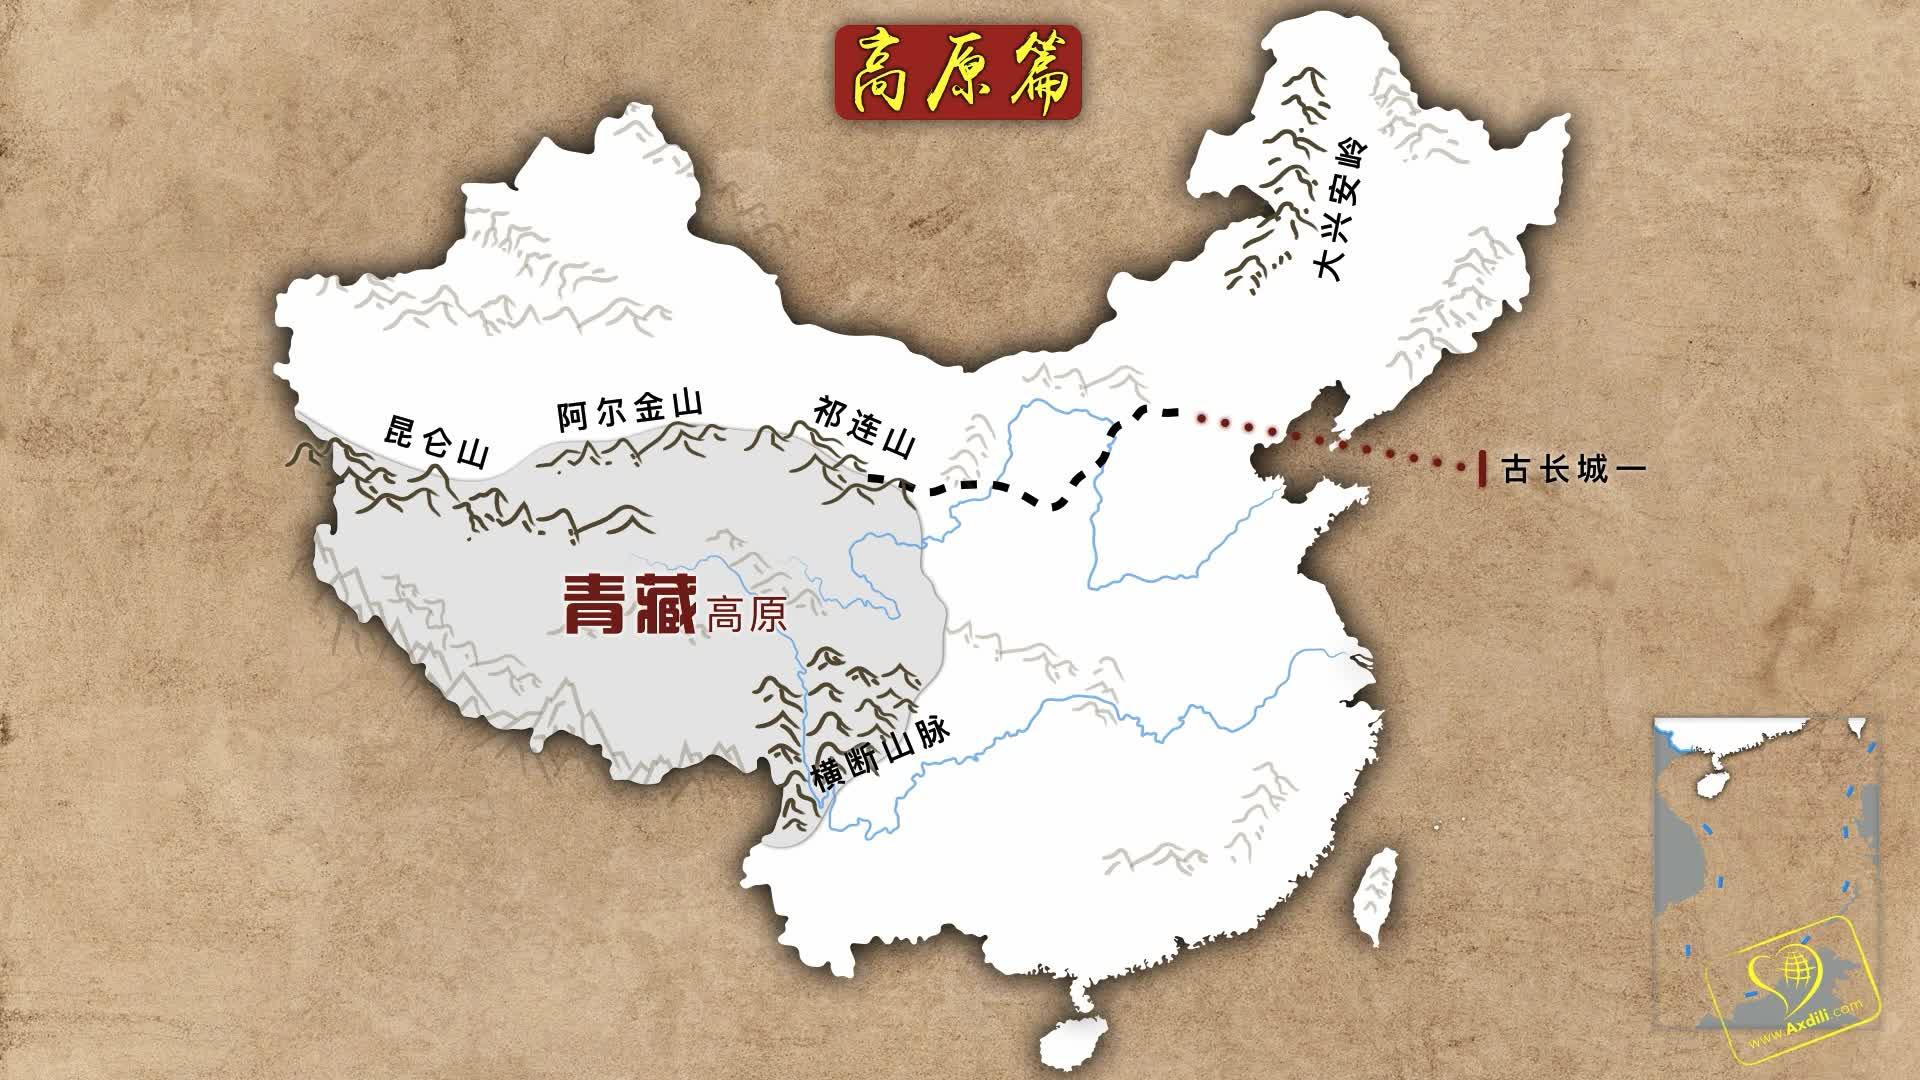 微課 中國地形高原篇-高中 地理  必修三【愛學地理】視頻